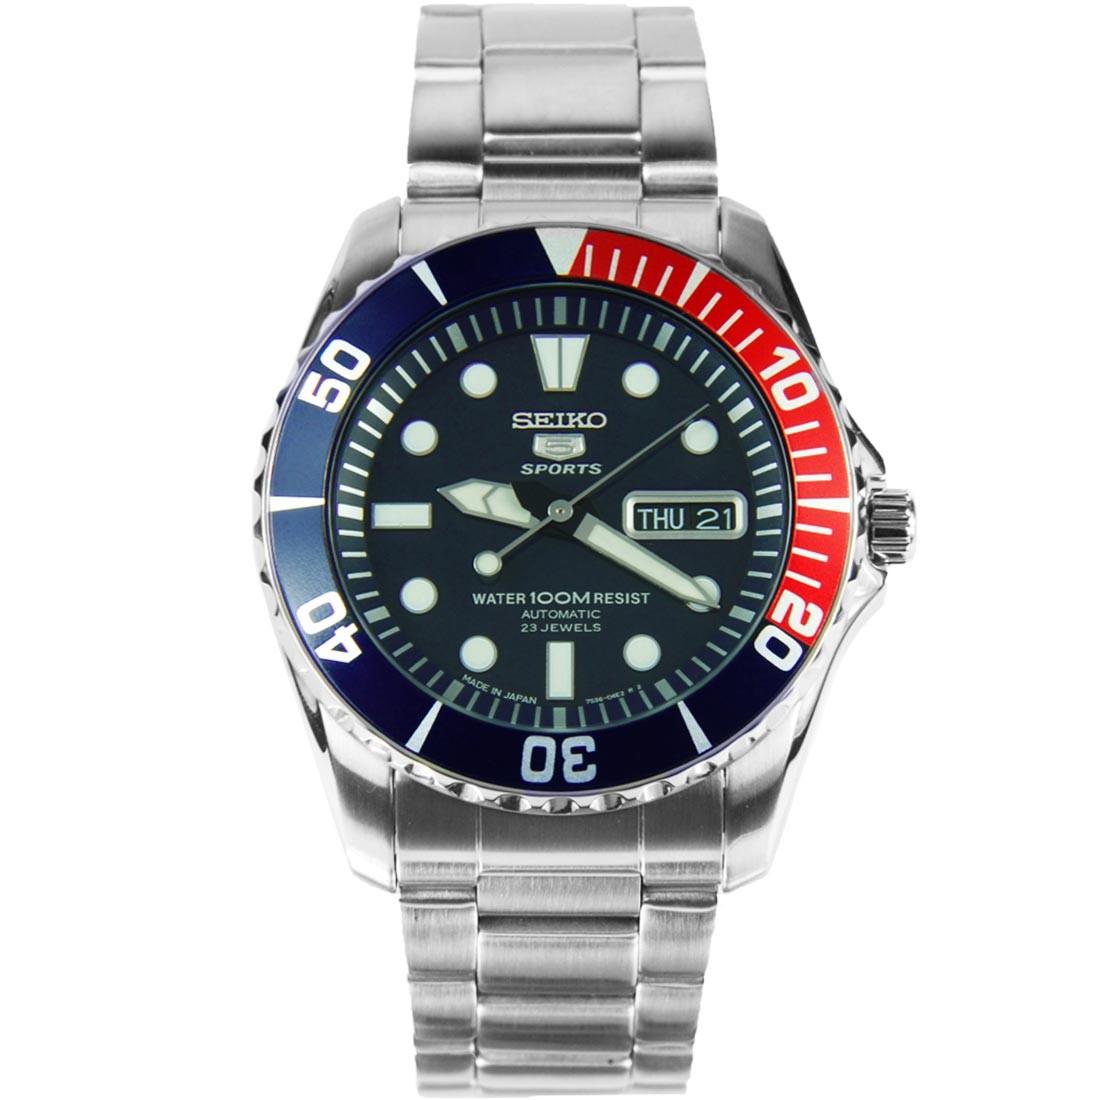 นาฬิกาข้อมือ Seiko 5 Sport Automatic รุ่น SNZF15J1 หน้าแป็ปซี่ Made in Japan